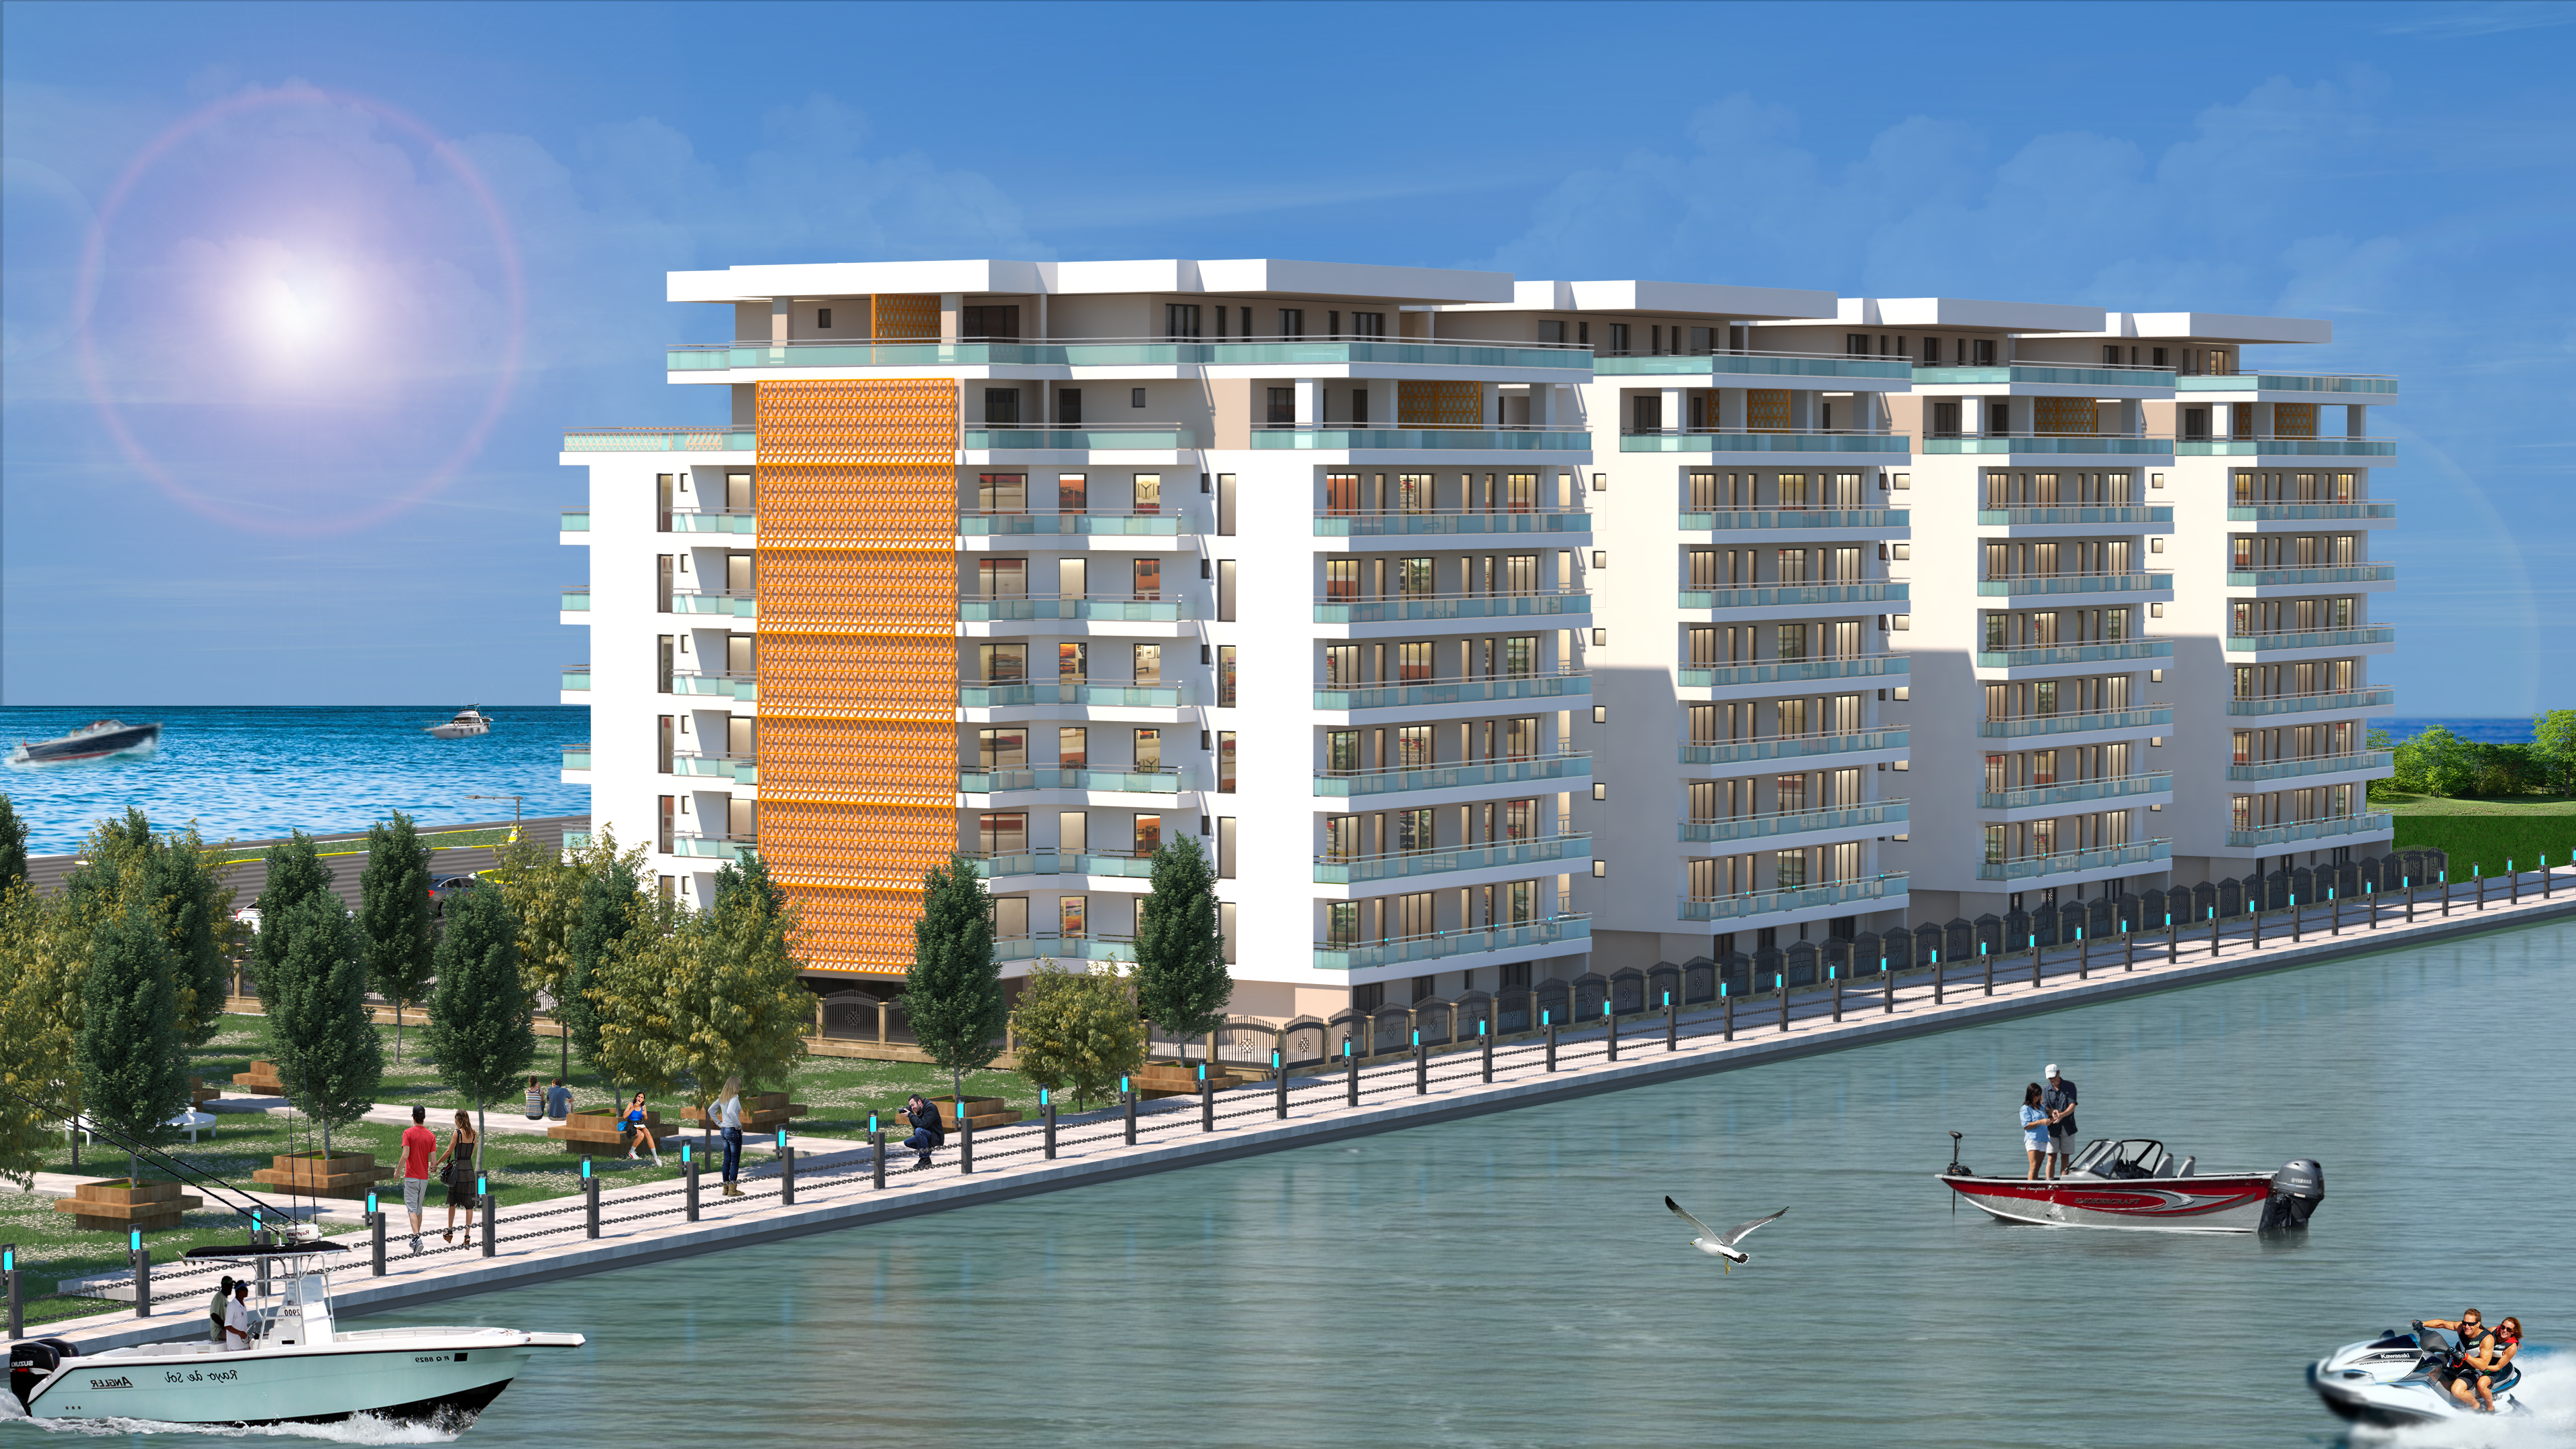 Vanzare apartamente si garsoniere in Complex Rezidential aflat in Statiunea Mamaia si oras Constanta